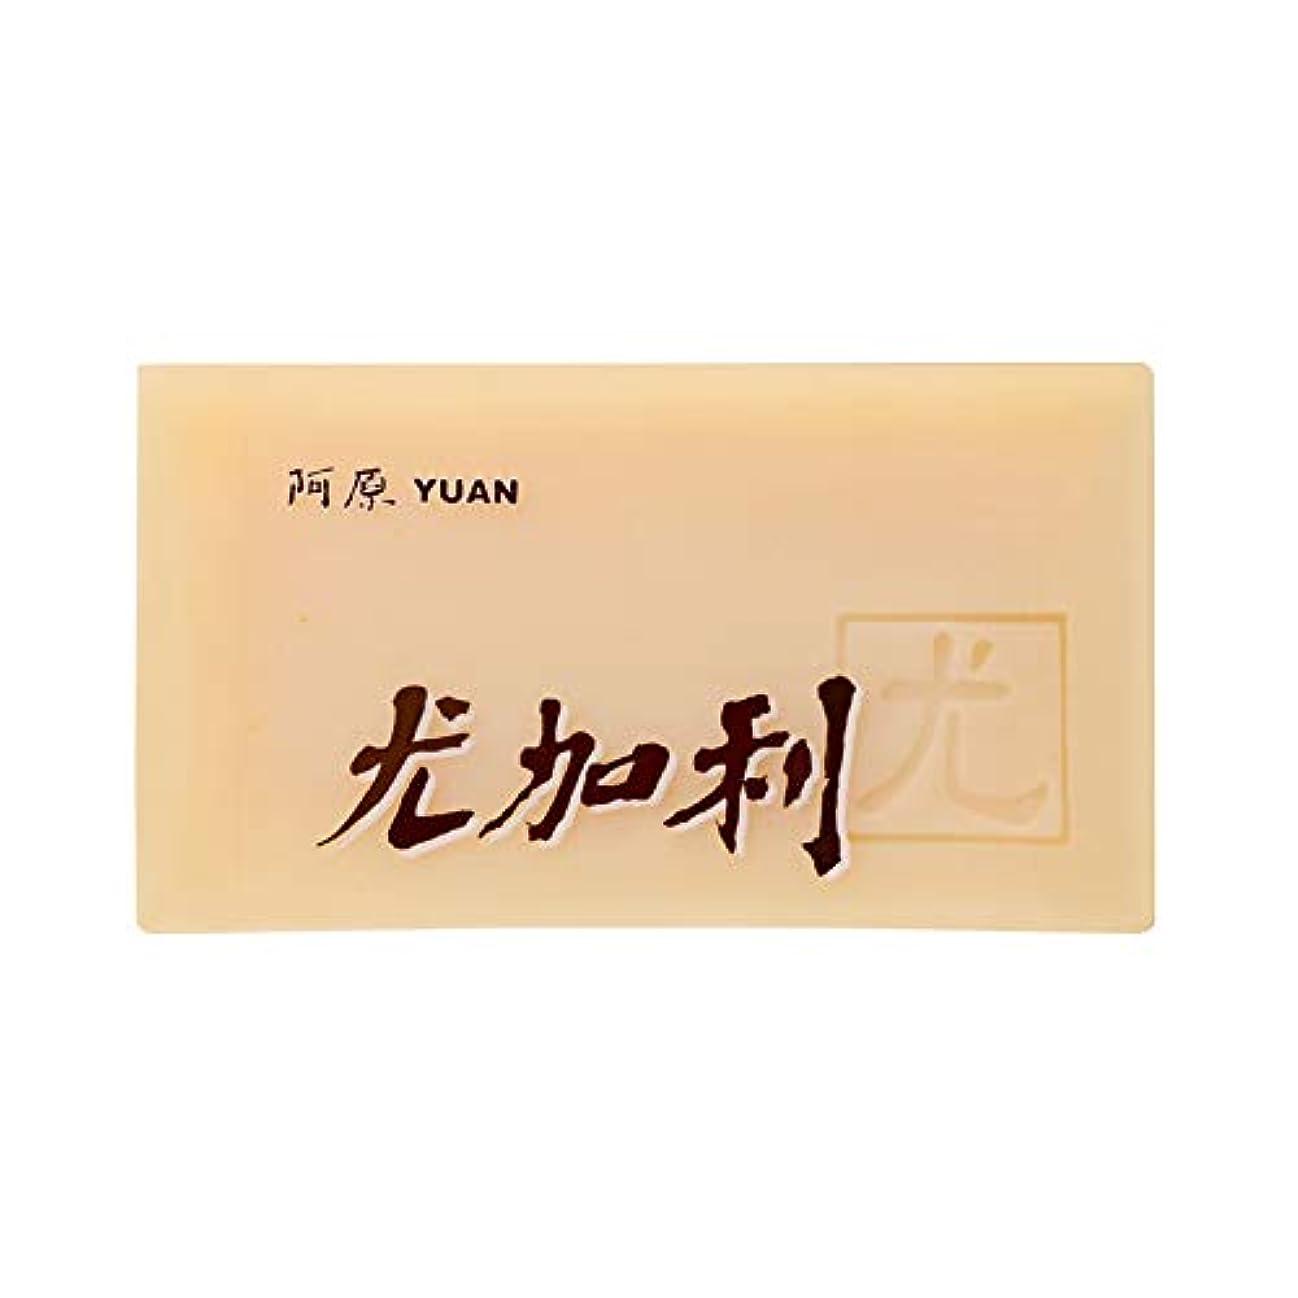 意識的詐欺タールユアン(YUAN) ユアンソープ ユーカリソープ 100g (阿原 石けん 台湾コスメ)